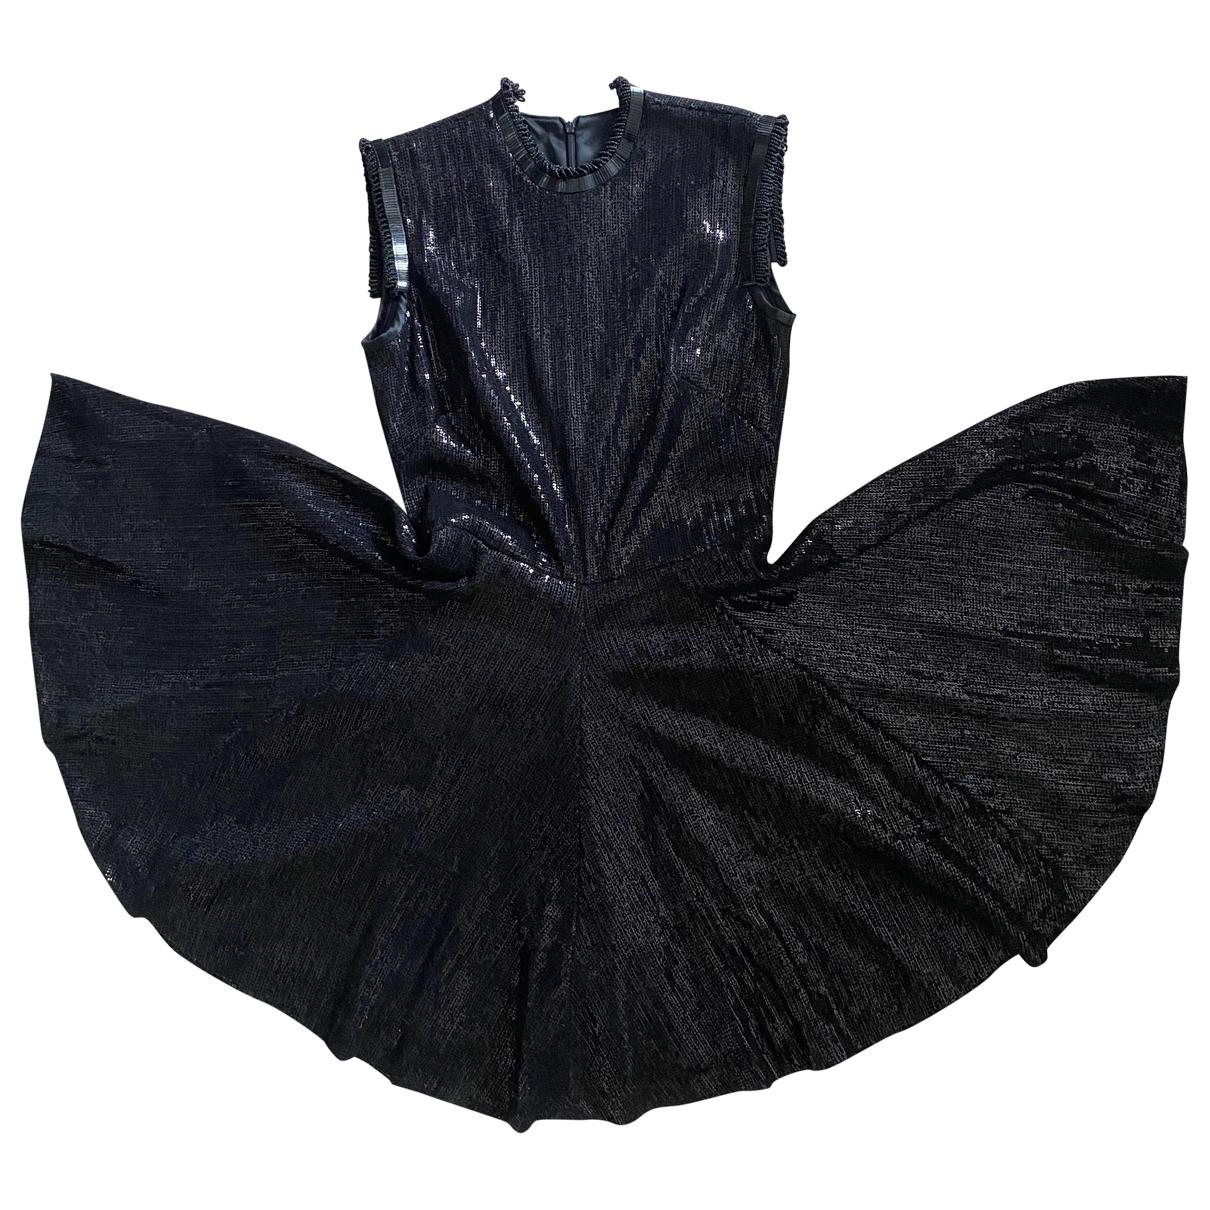 Plein Sud - Robe   pour femme en a paillettes - noir